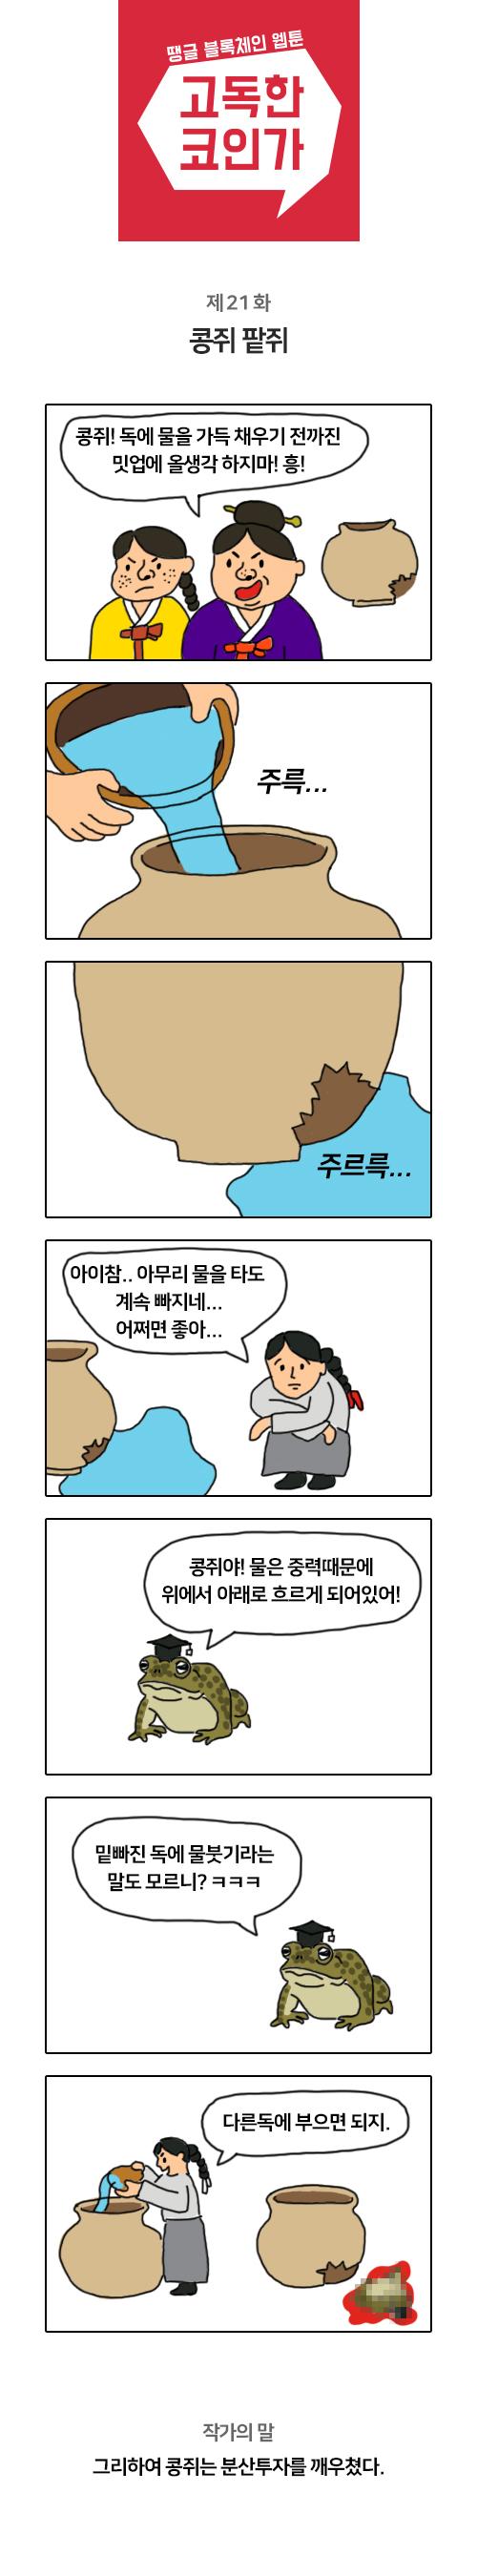 고독한코인가_21화.jpg